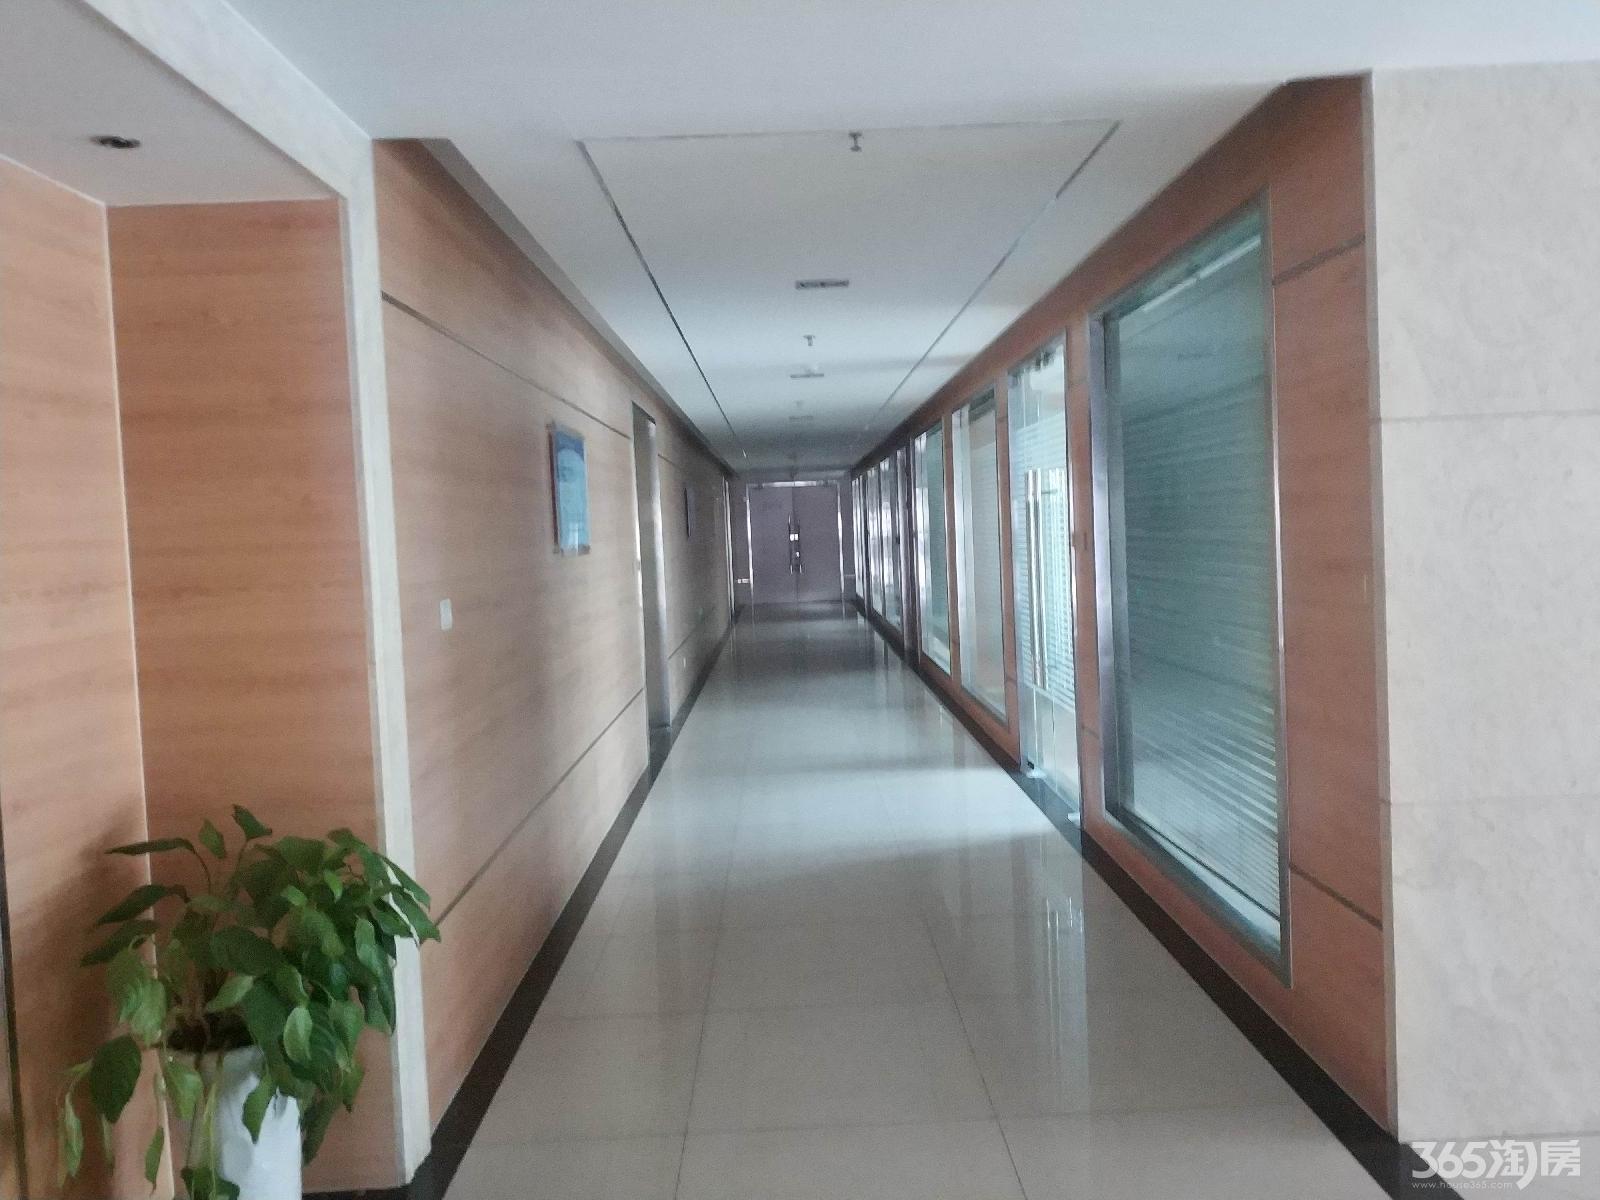 六合区西厂门街道广德商务中心租房